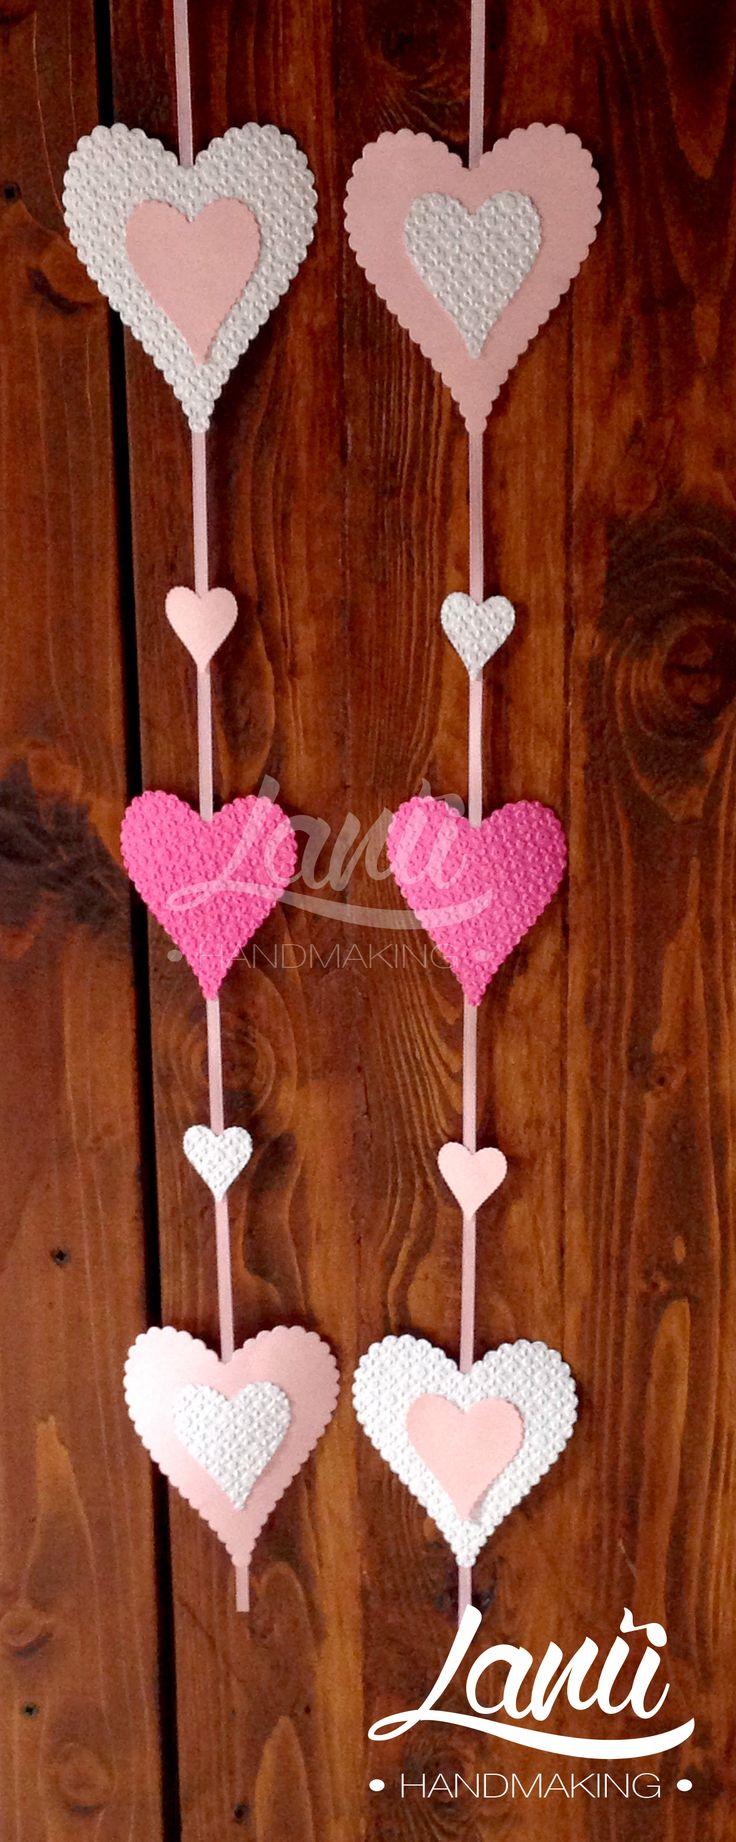 Allestimento tavolo della confettata: strisce di cuori decorativi